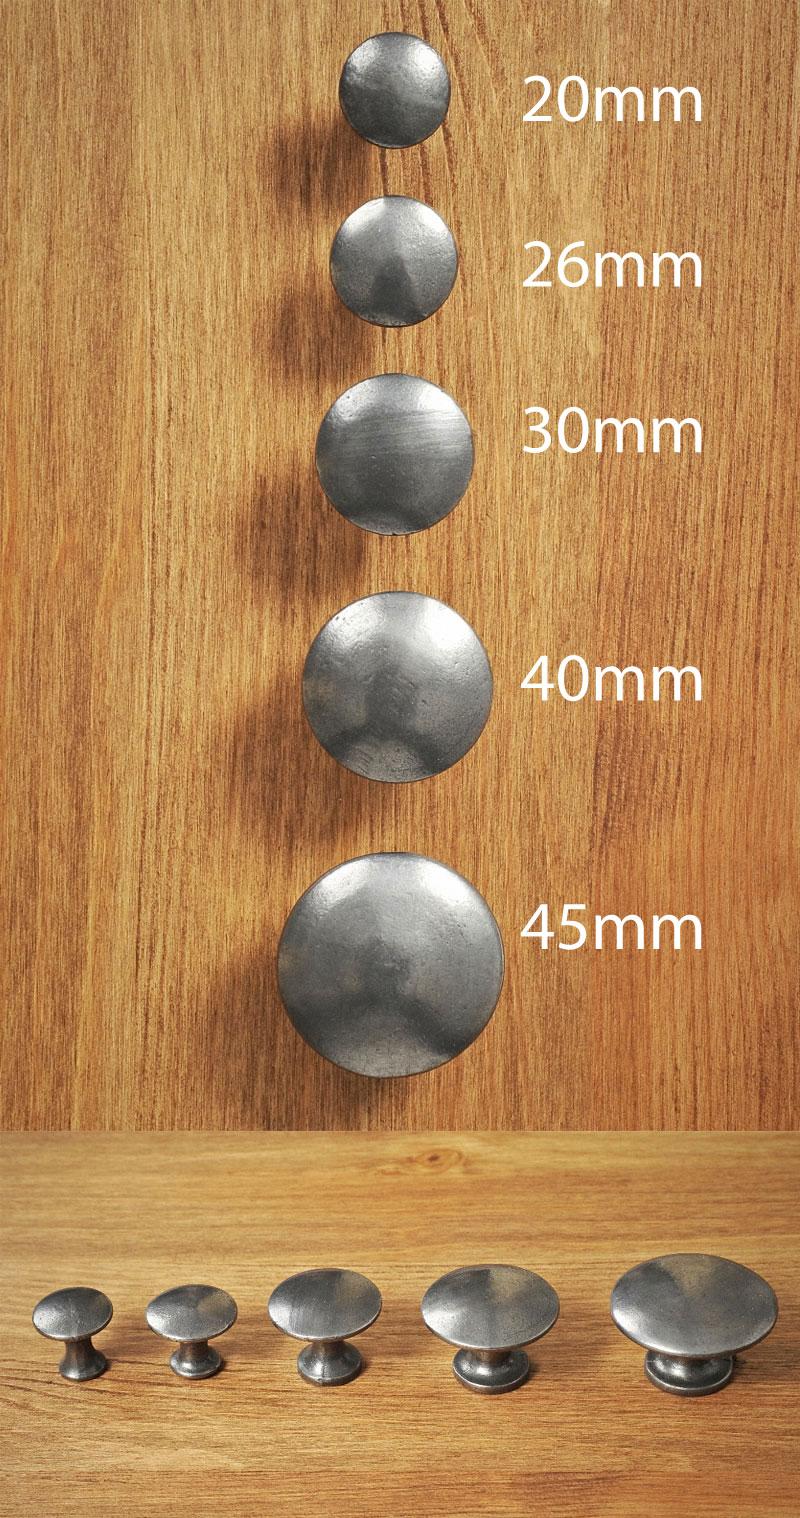 cabinet doors knobs photo - 20